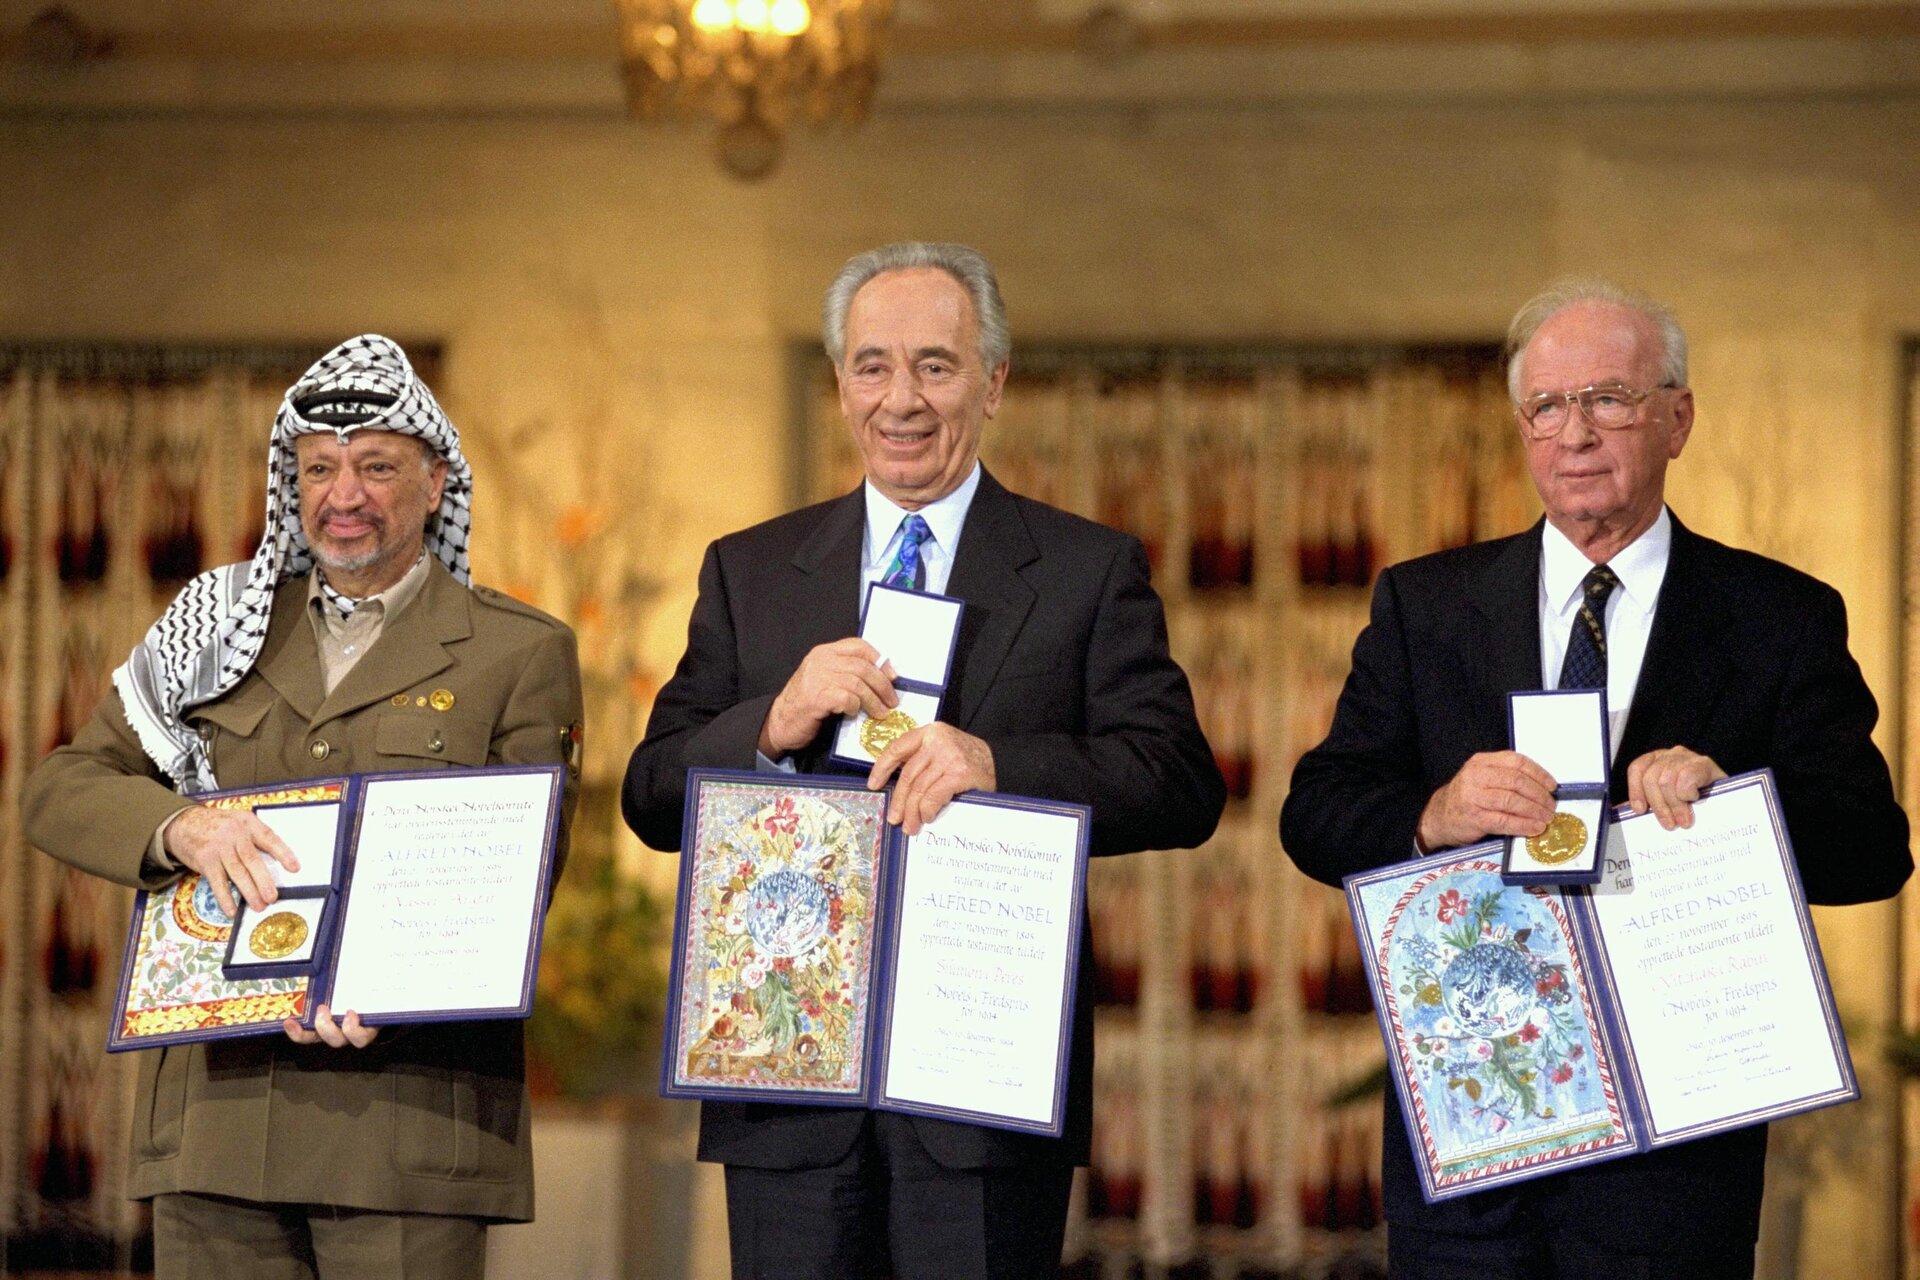 Na zdjęciu trzej mężczyźni, jeden wmundurze ichuście na głowie, dwaj wgarniturach. Pokazują medale idyplomy.